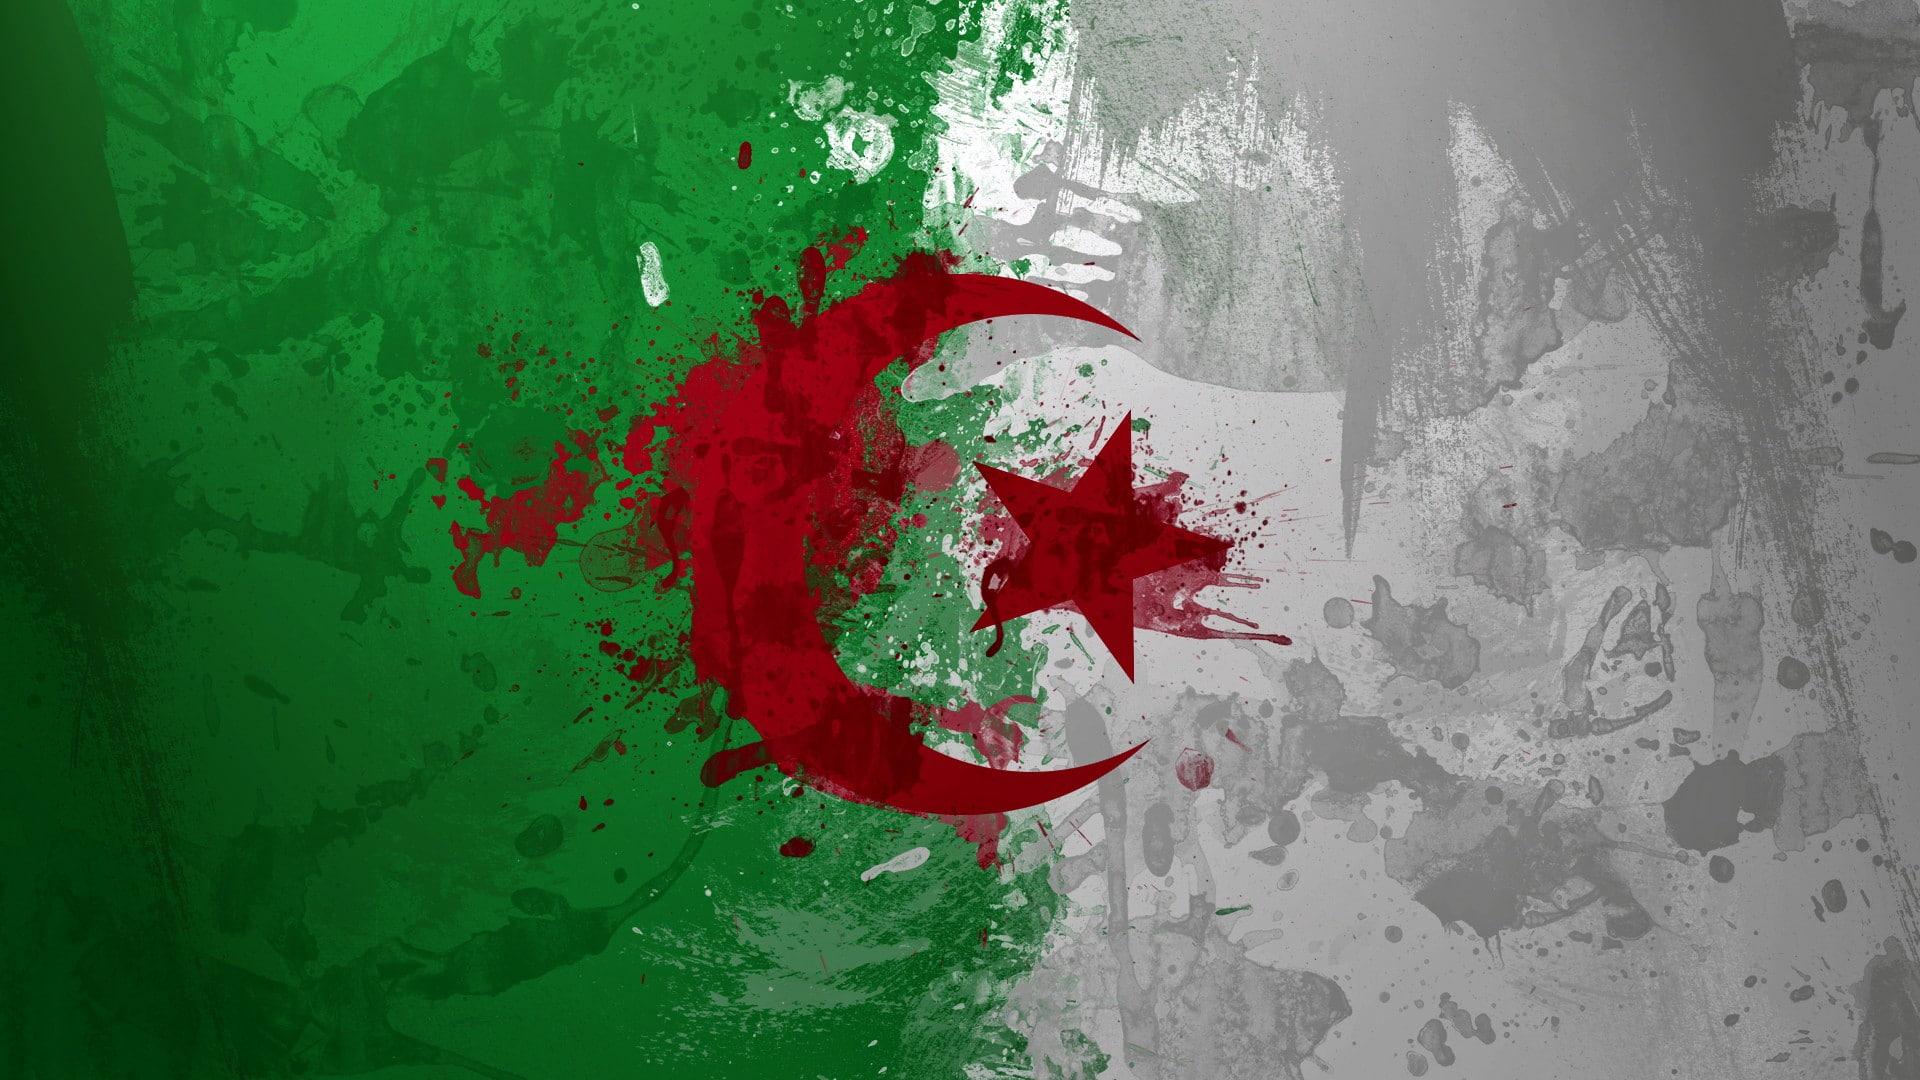 HD wallpaper Algeria flag Wallpaper Flare 1920x1080